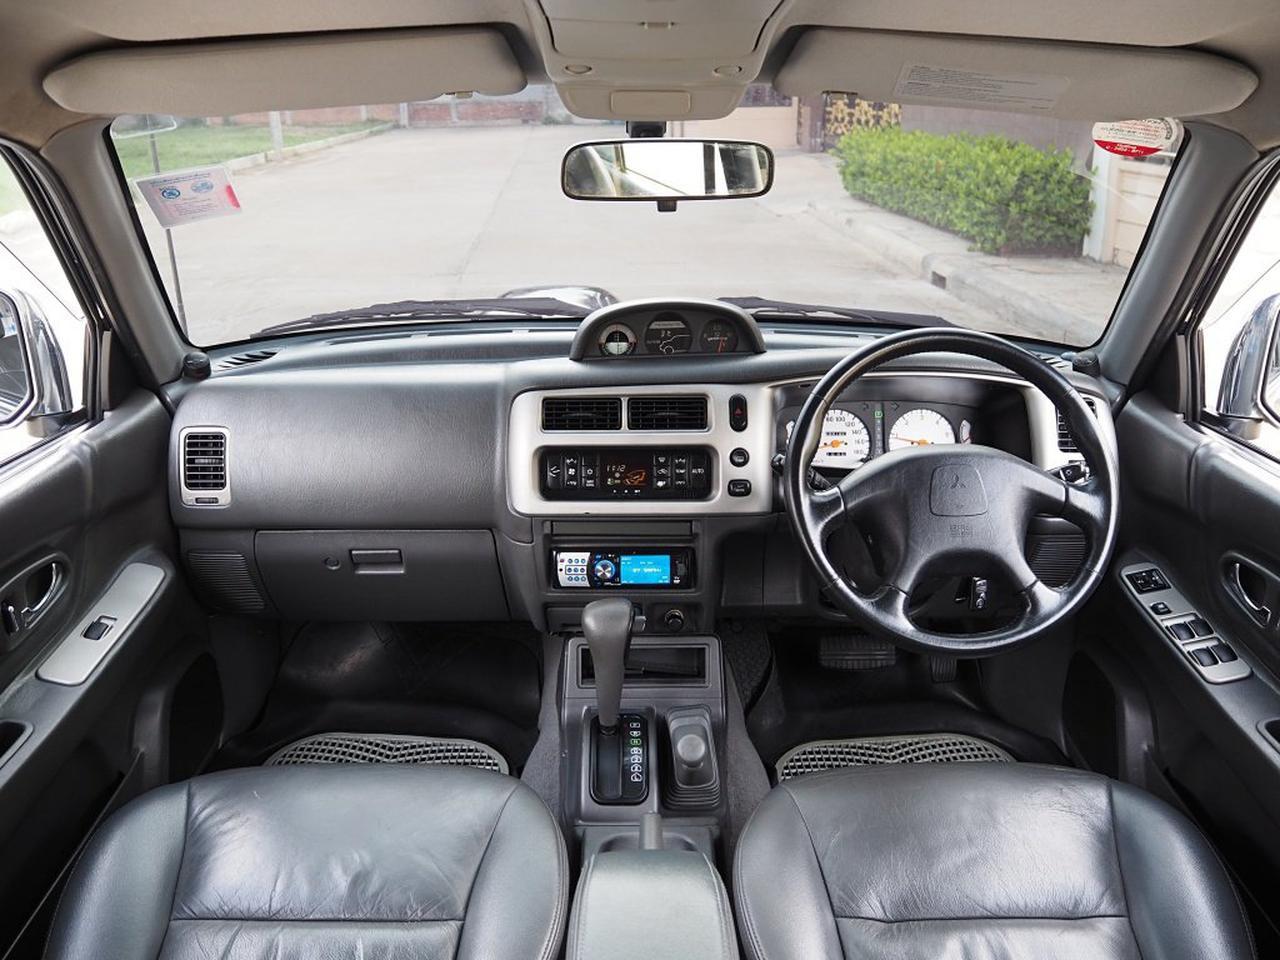 MITSUBISHI STRADA G-WAGON 2.8 GLS 4WD Rally Master ปี 2004 เกียร์AUTO 4X4 สภาพนางฟ้า  รูปที่ 3